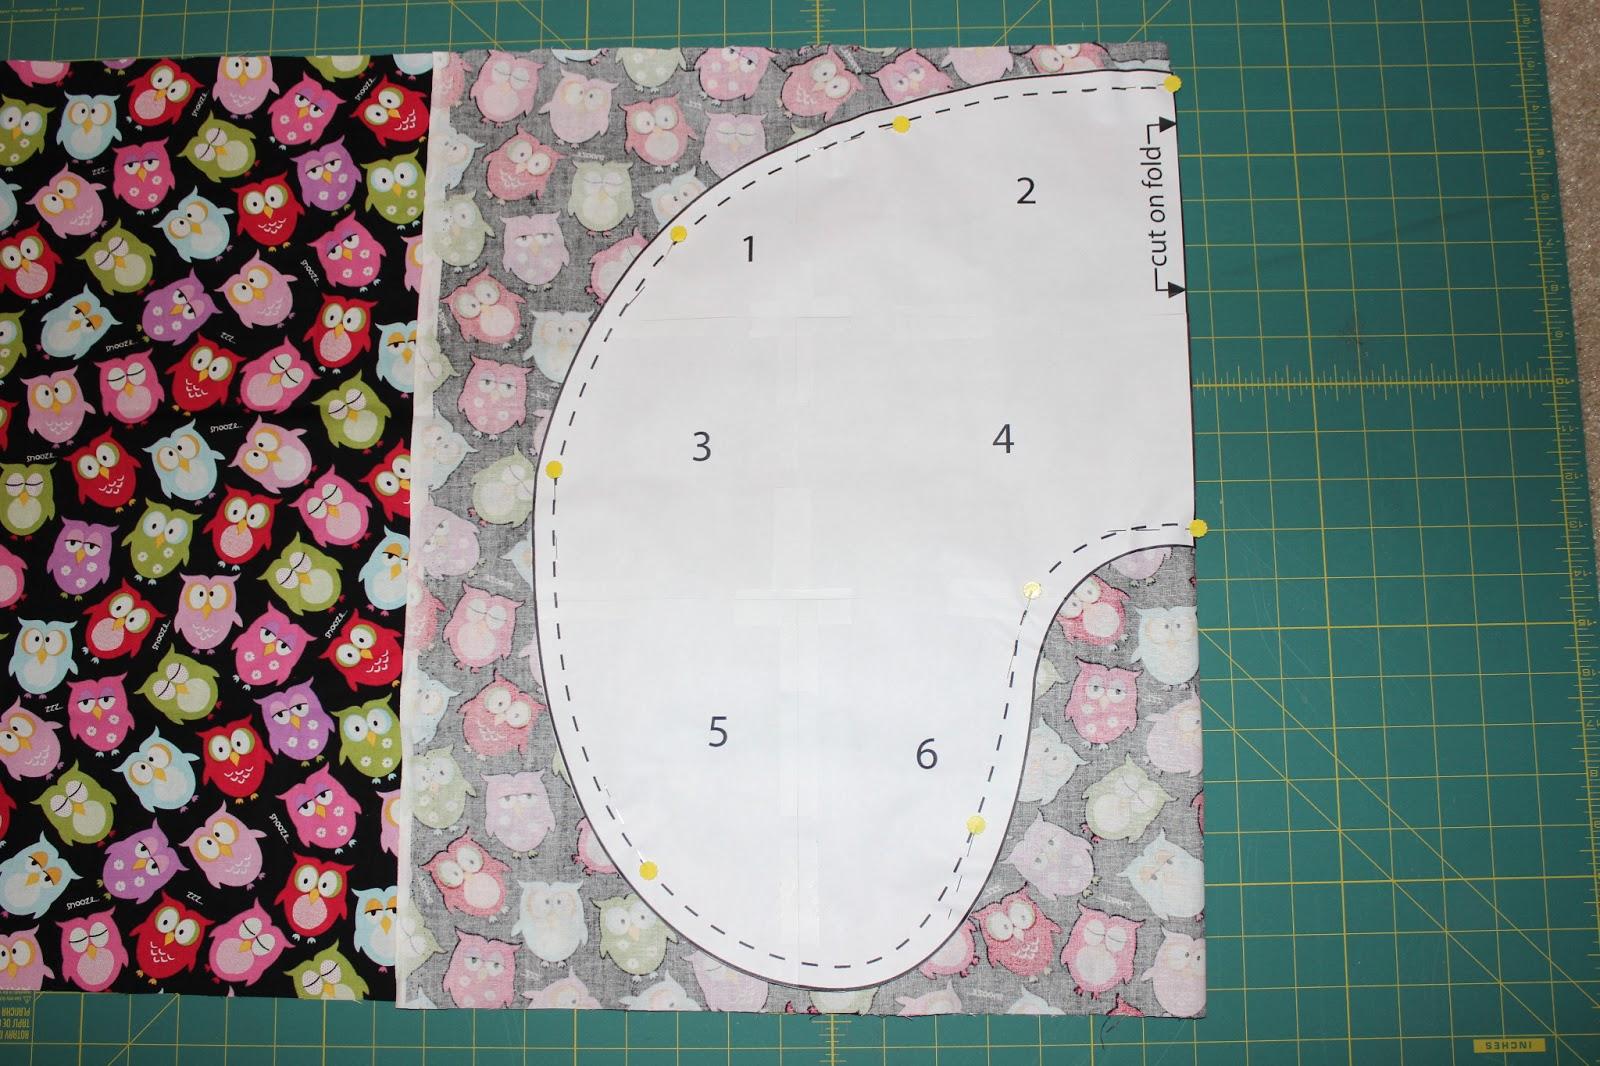 Little Blip: Boppy Pillow Cover